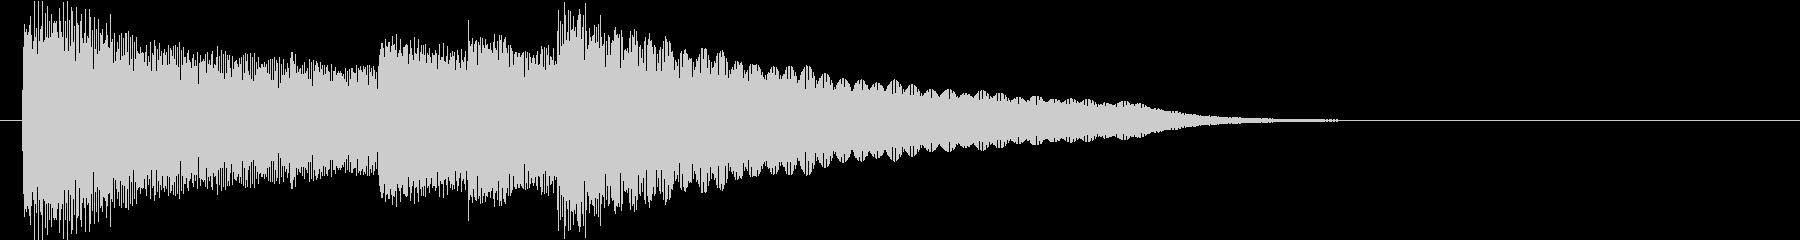 ジングル/お風呂が沸いた/完成/前進の未再生の波形